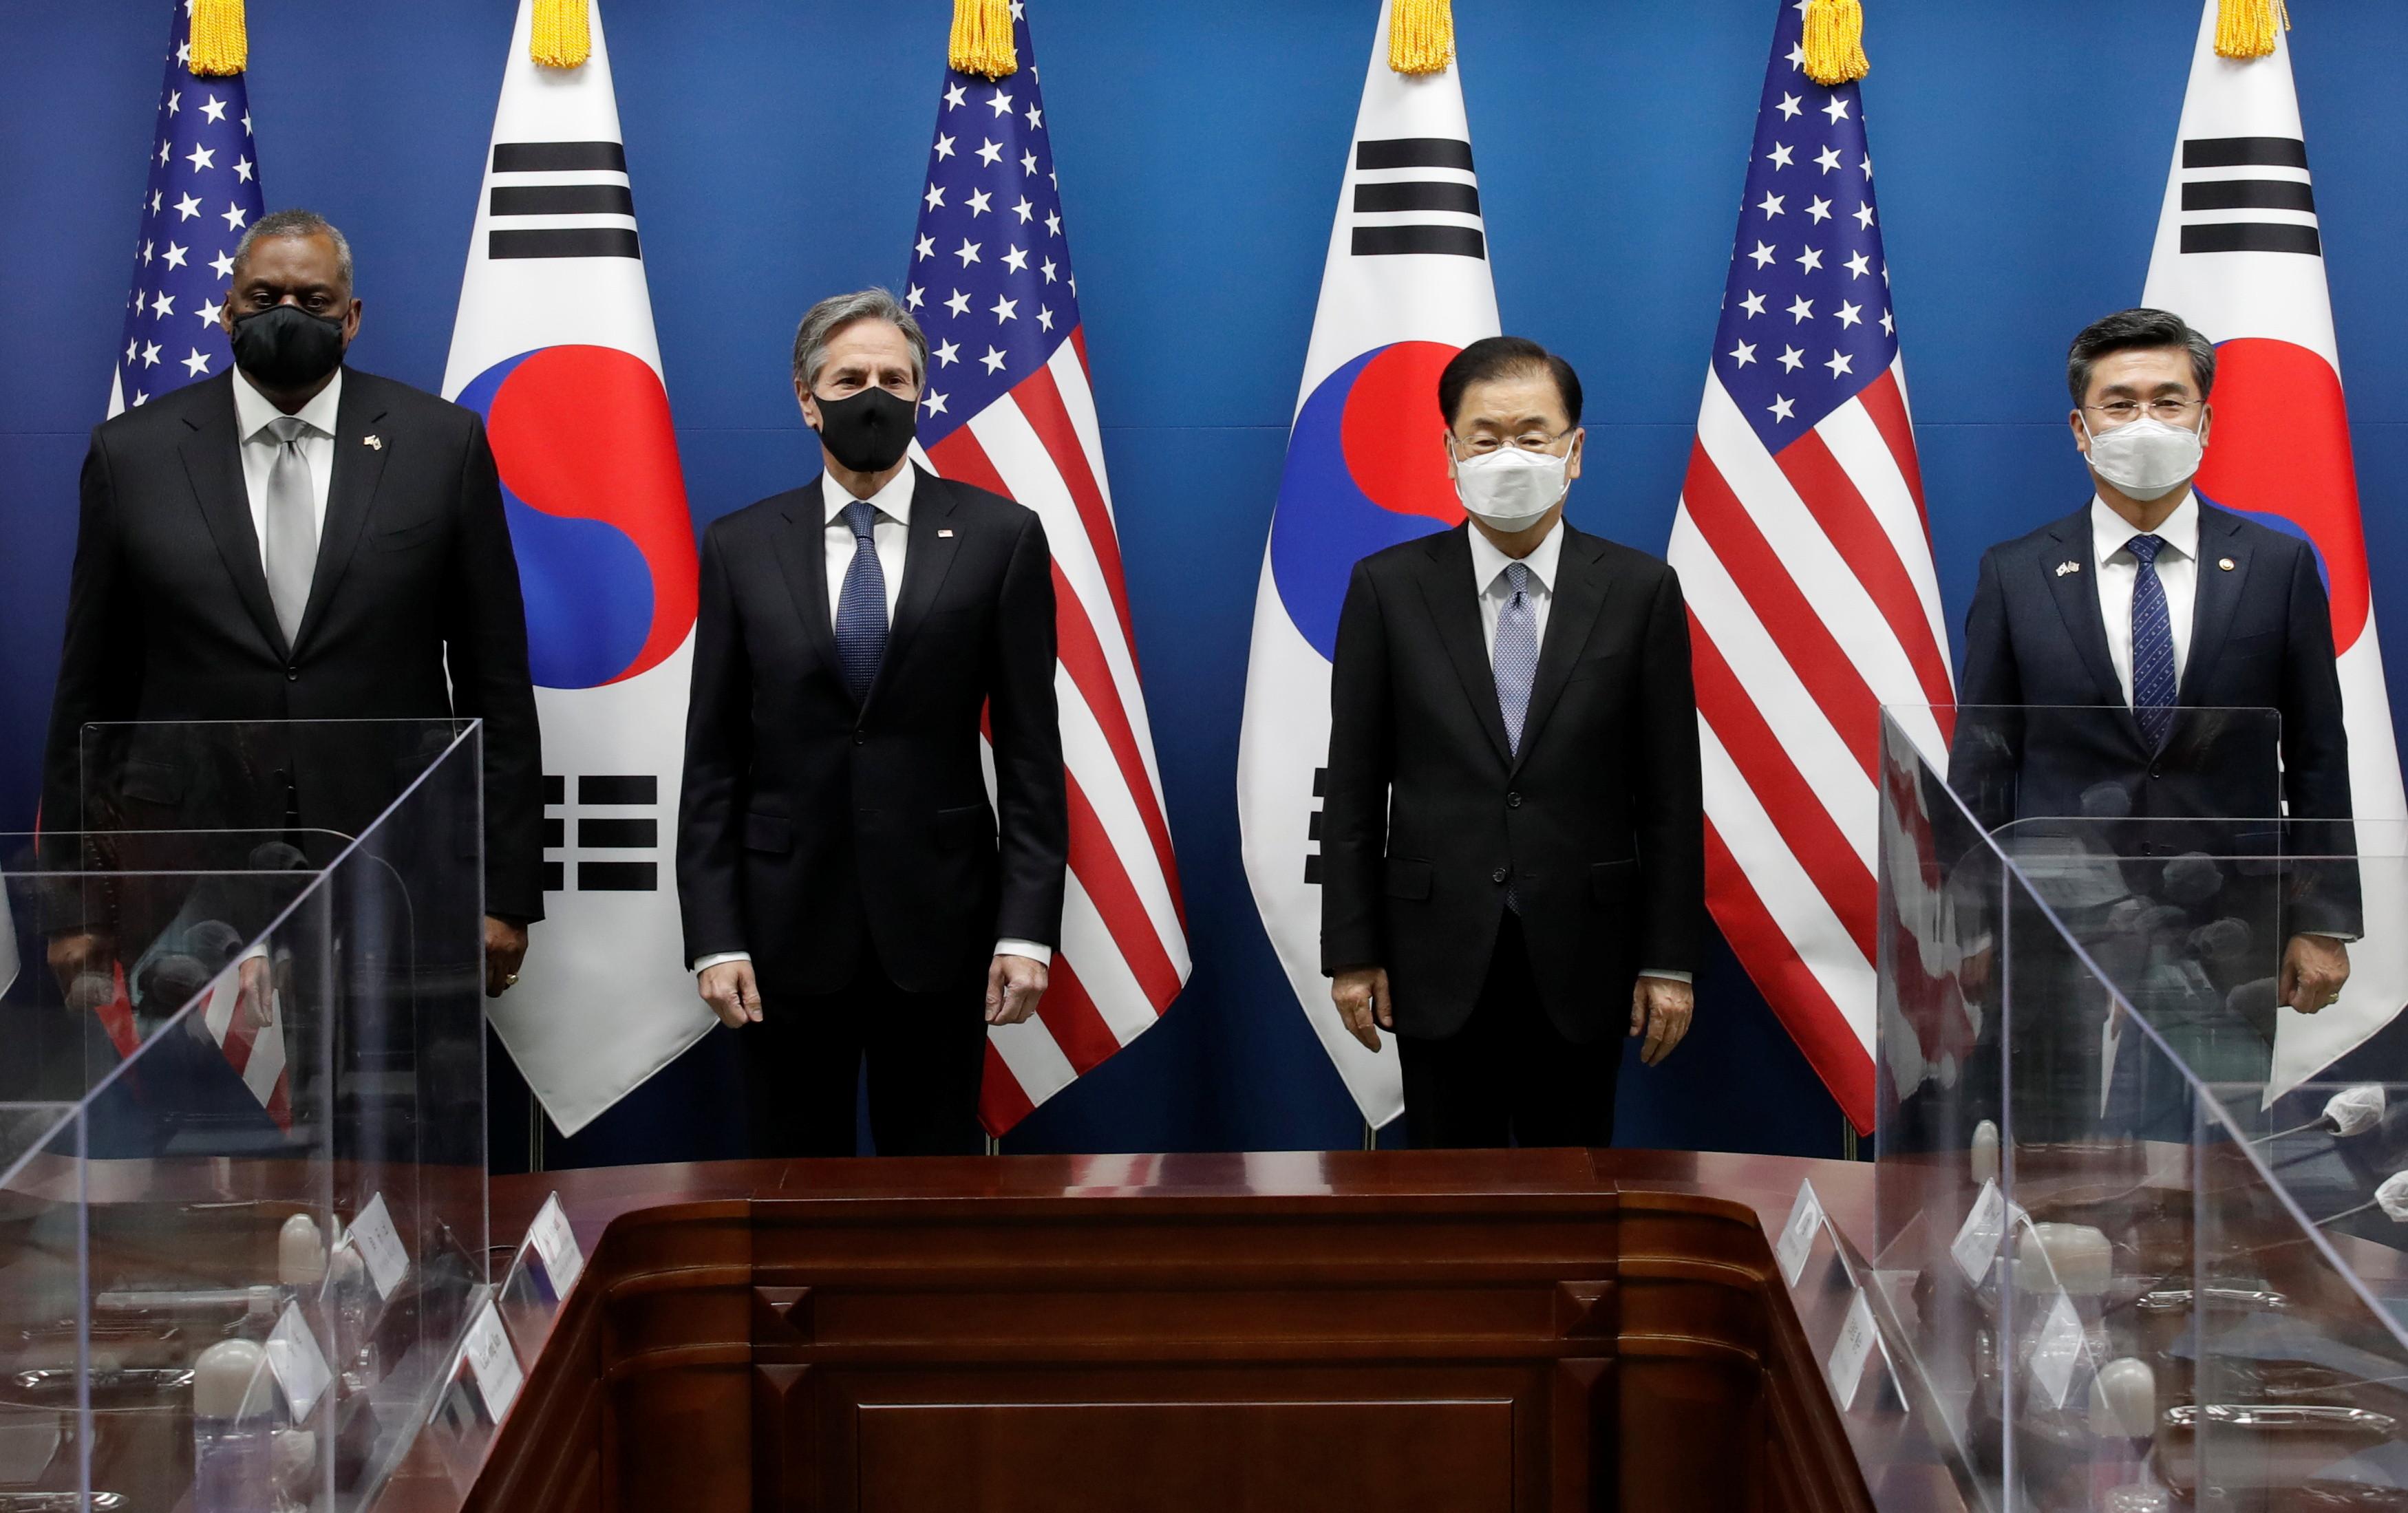 ▲▼美韓兩國18日上午在南韓外交部進行2+2會談,由左至右為奧斯丁、布林肯、鄭義溶、徐旭。(圖/路透社)